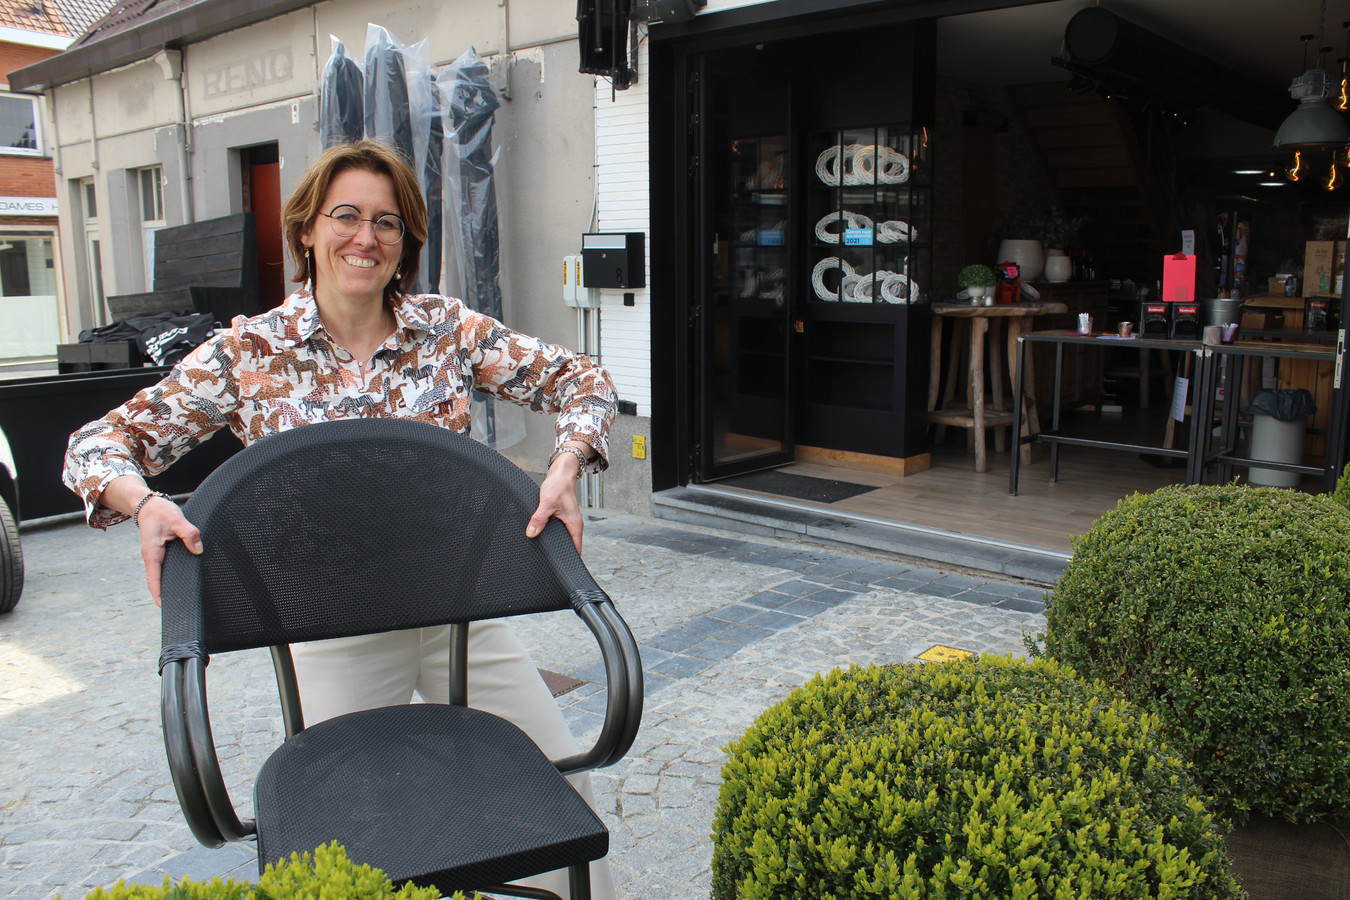 Vanaf zaterdag mag Kathleen Snauwaert de terrasstoelen weer buiten zetten. Niet alleen voor Barz, maar ook voor het pand van de vroegere Reno. Die zaak nam ze onlangs ook over.